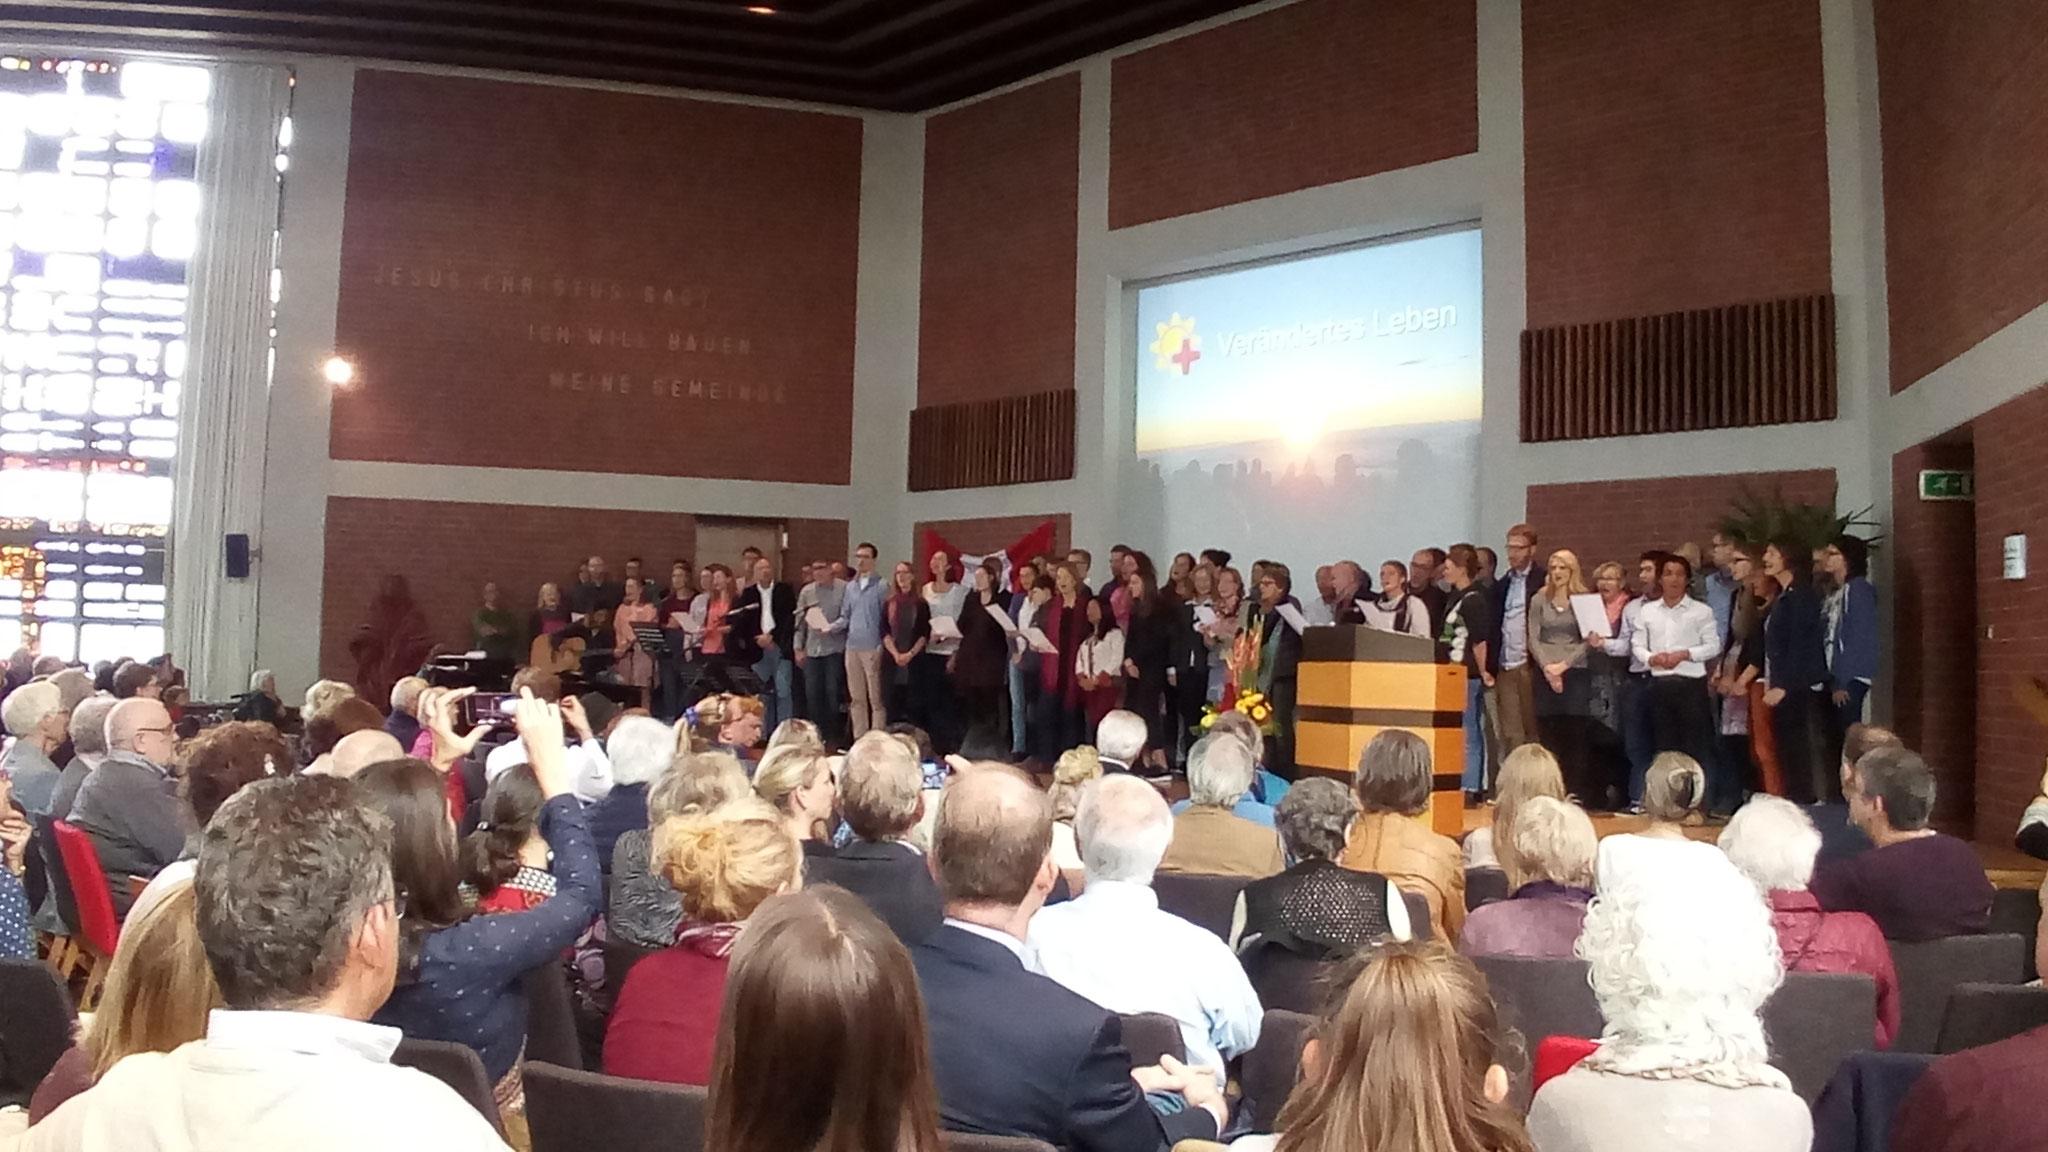 Alle anwesenden Mitarbeiter von Diospi sangen ein spanisches Lied